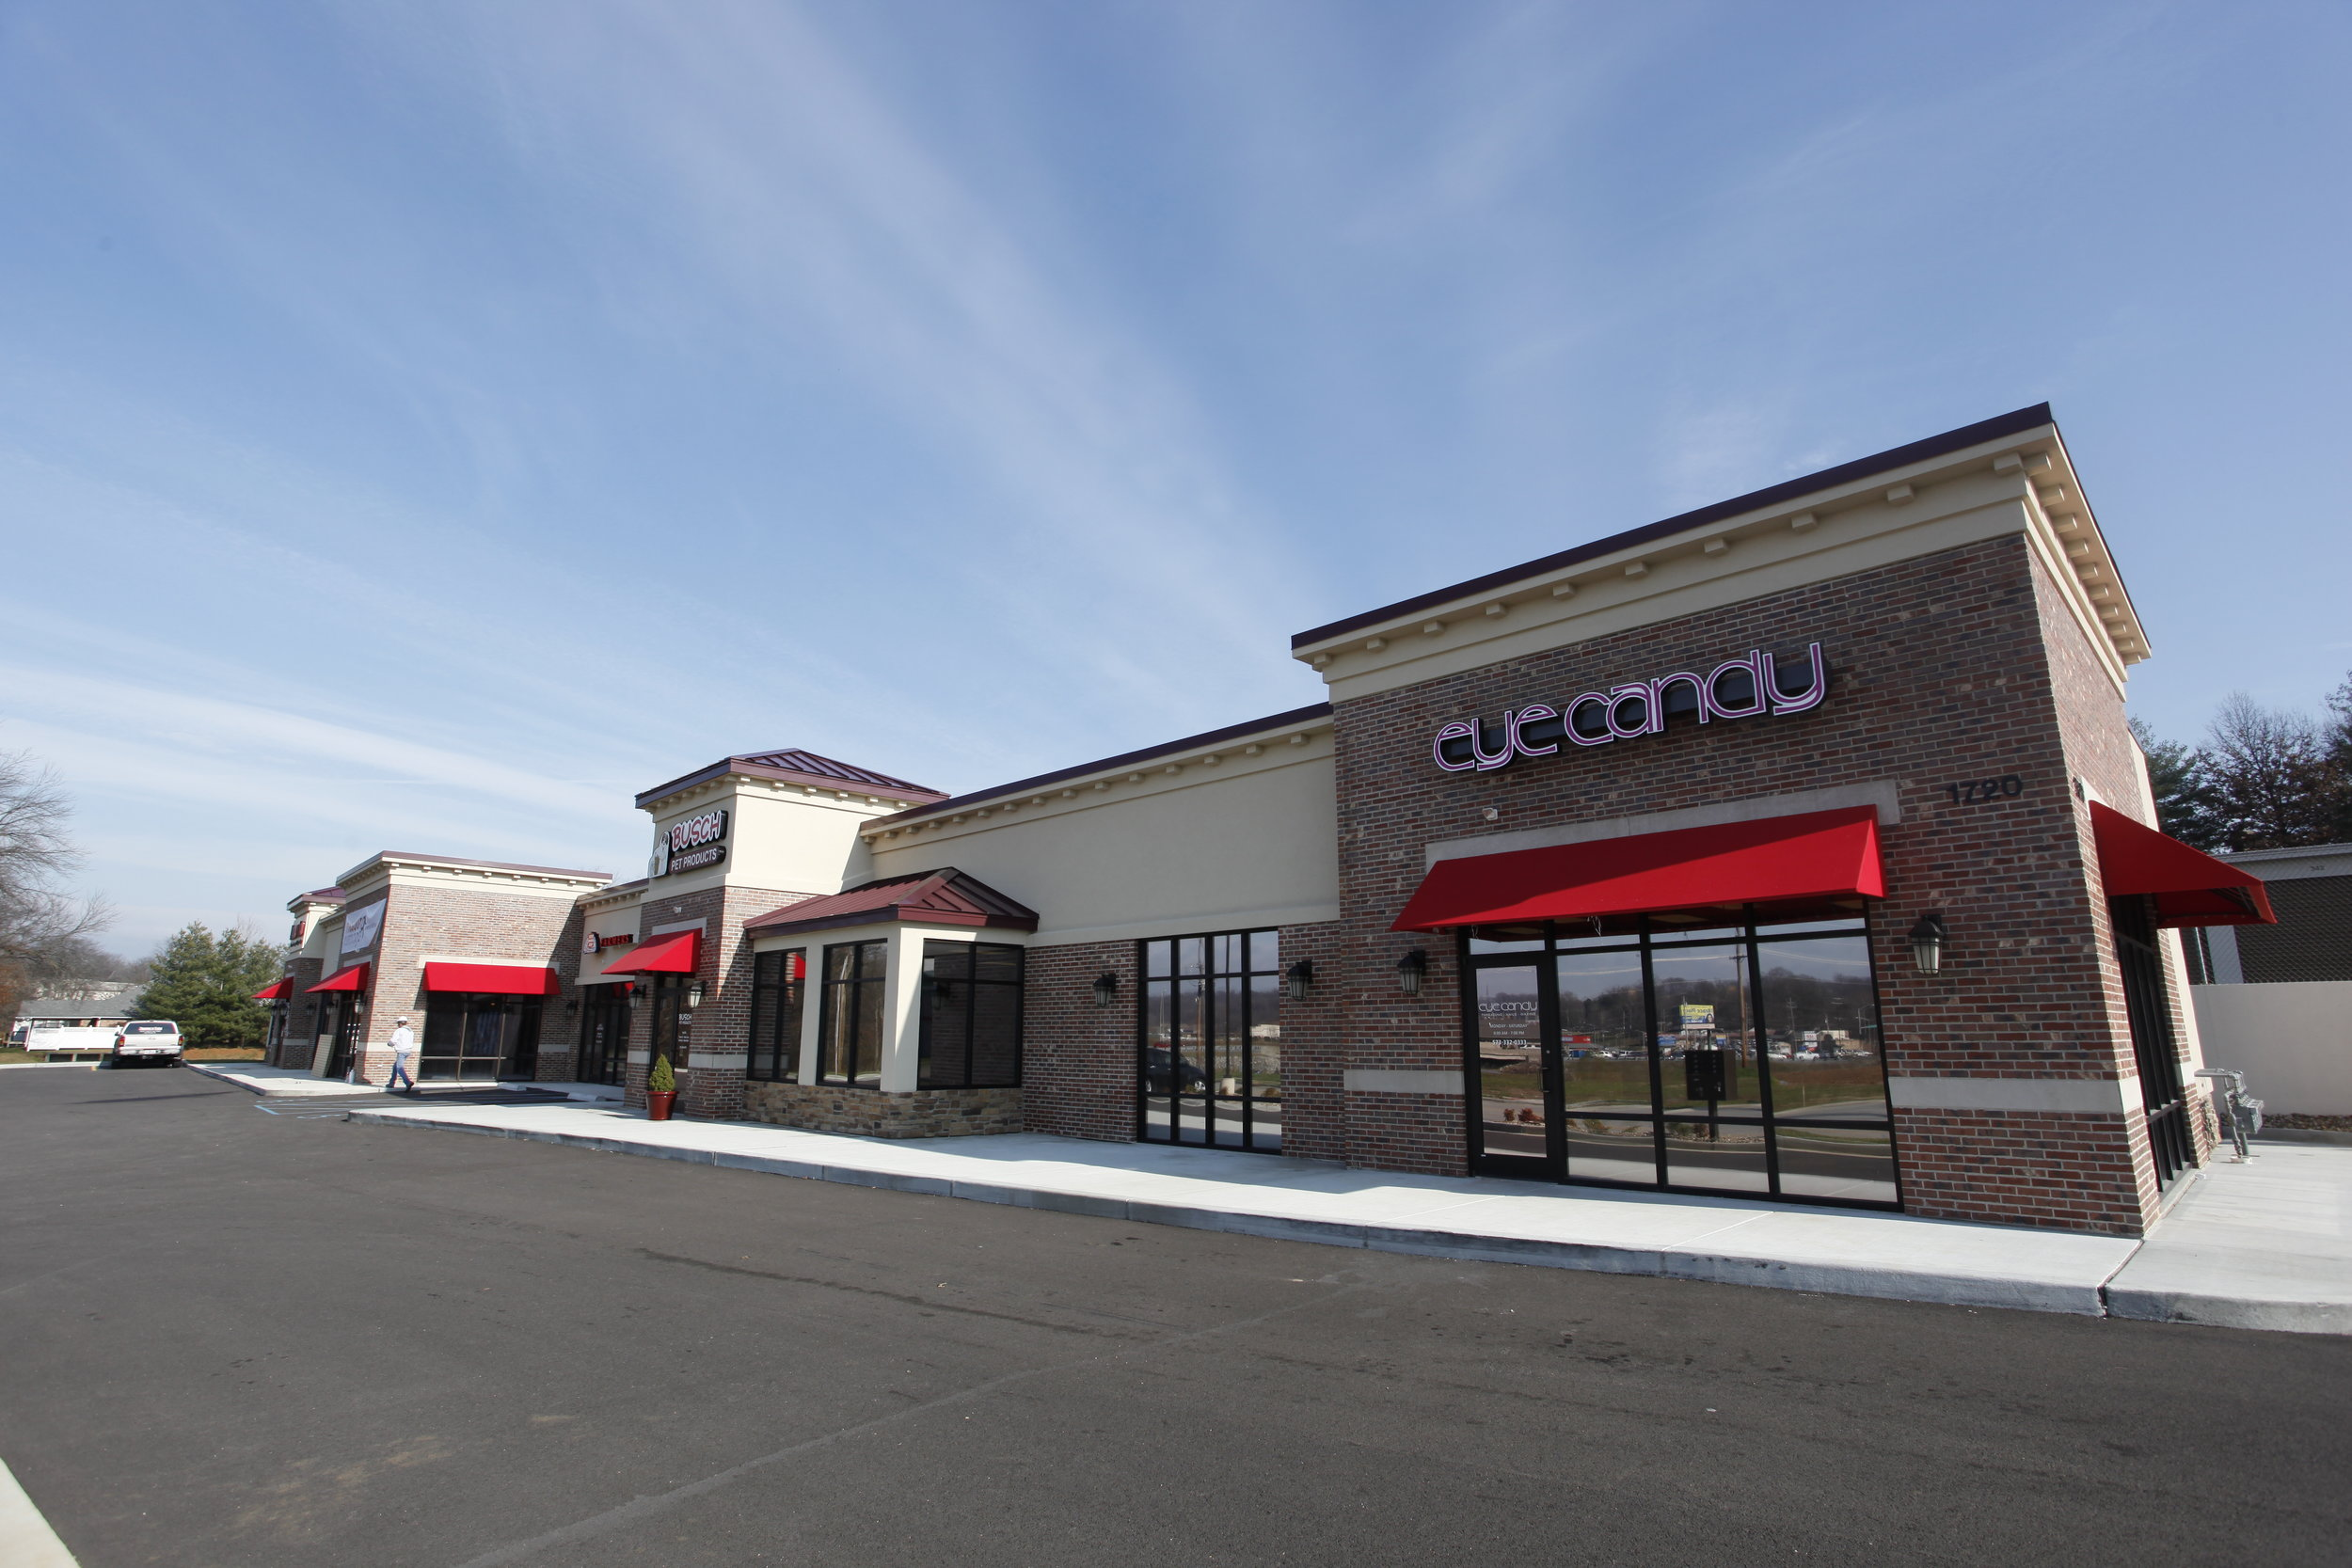 LaCroix Market - Cape Girardeau, Missouri